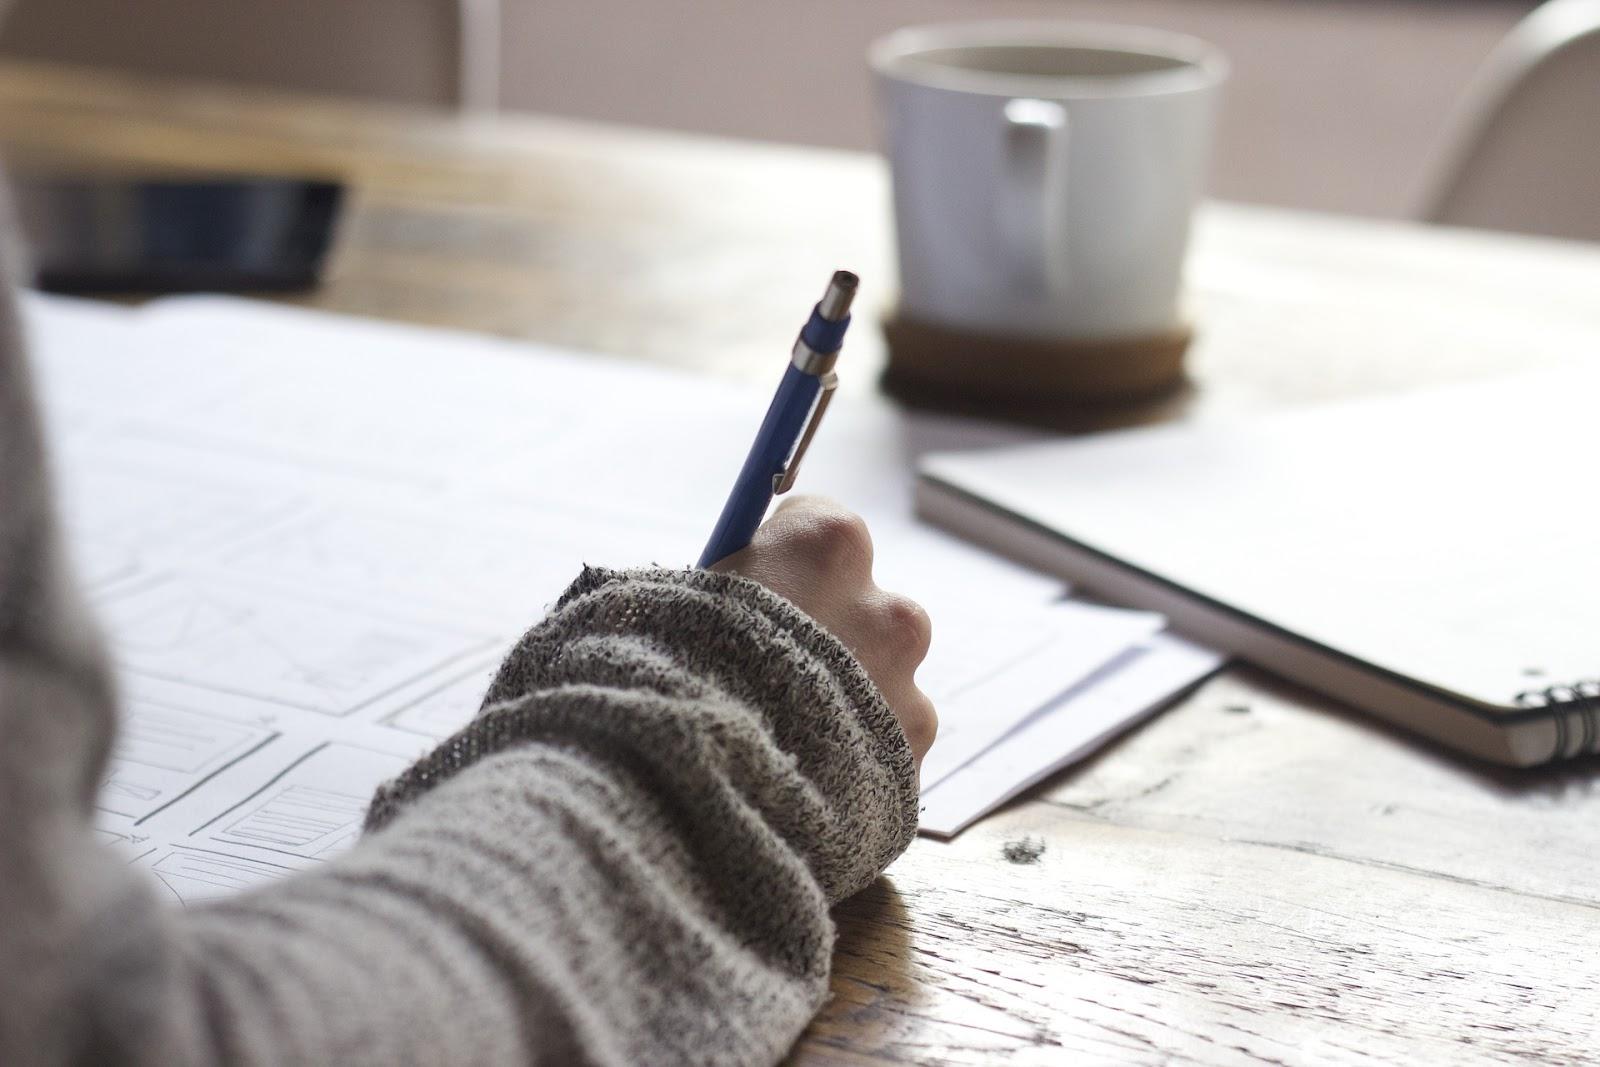 יד אישה כותבת עם ספל קפה ליד. במשרד